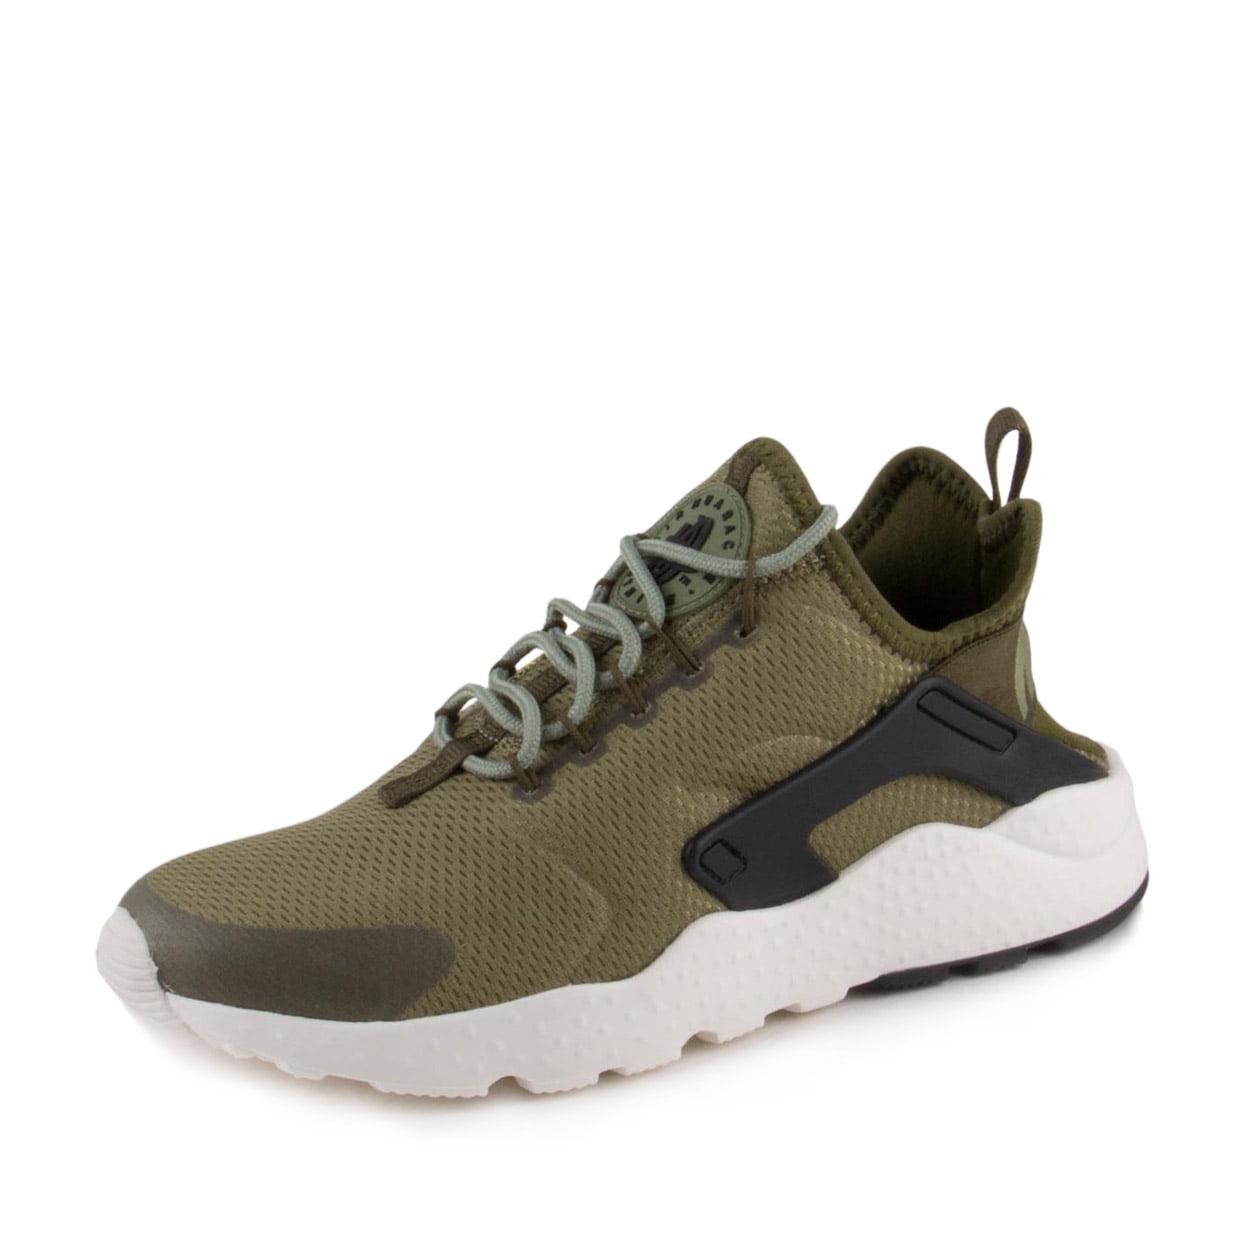 Nike Womens W Air Huarache Run Ultra Palm Green/Black 819151-303